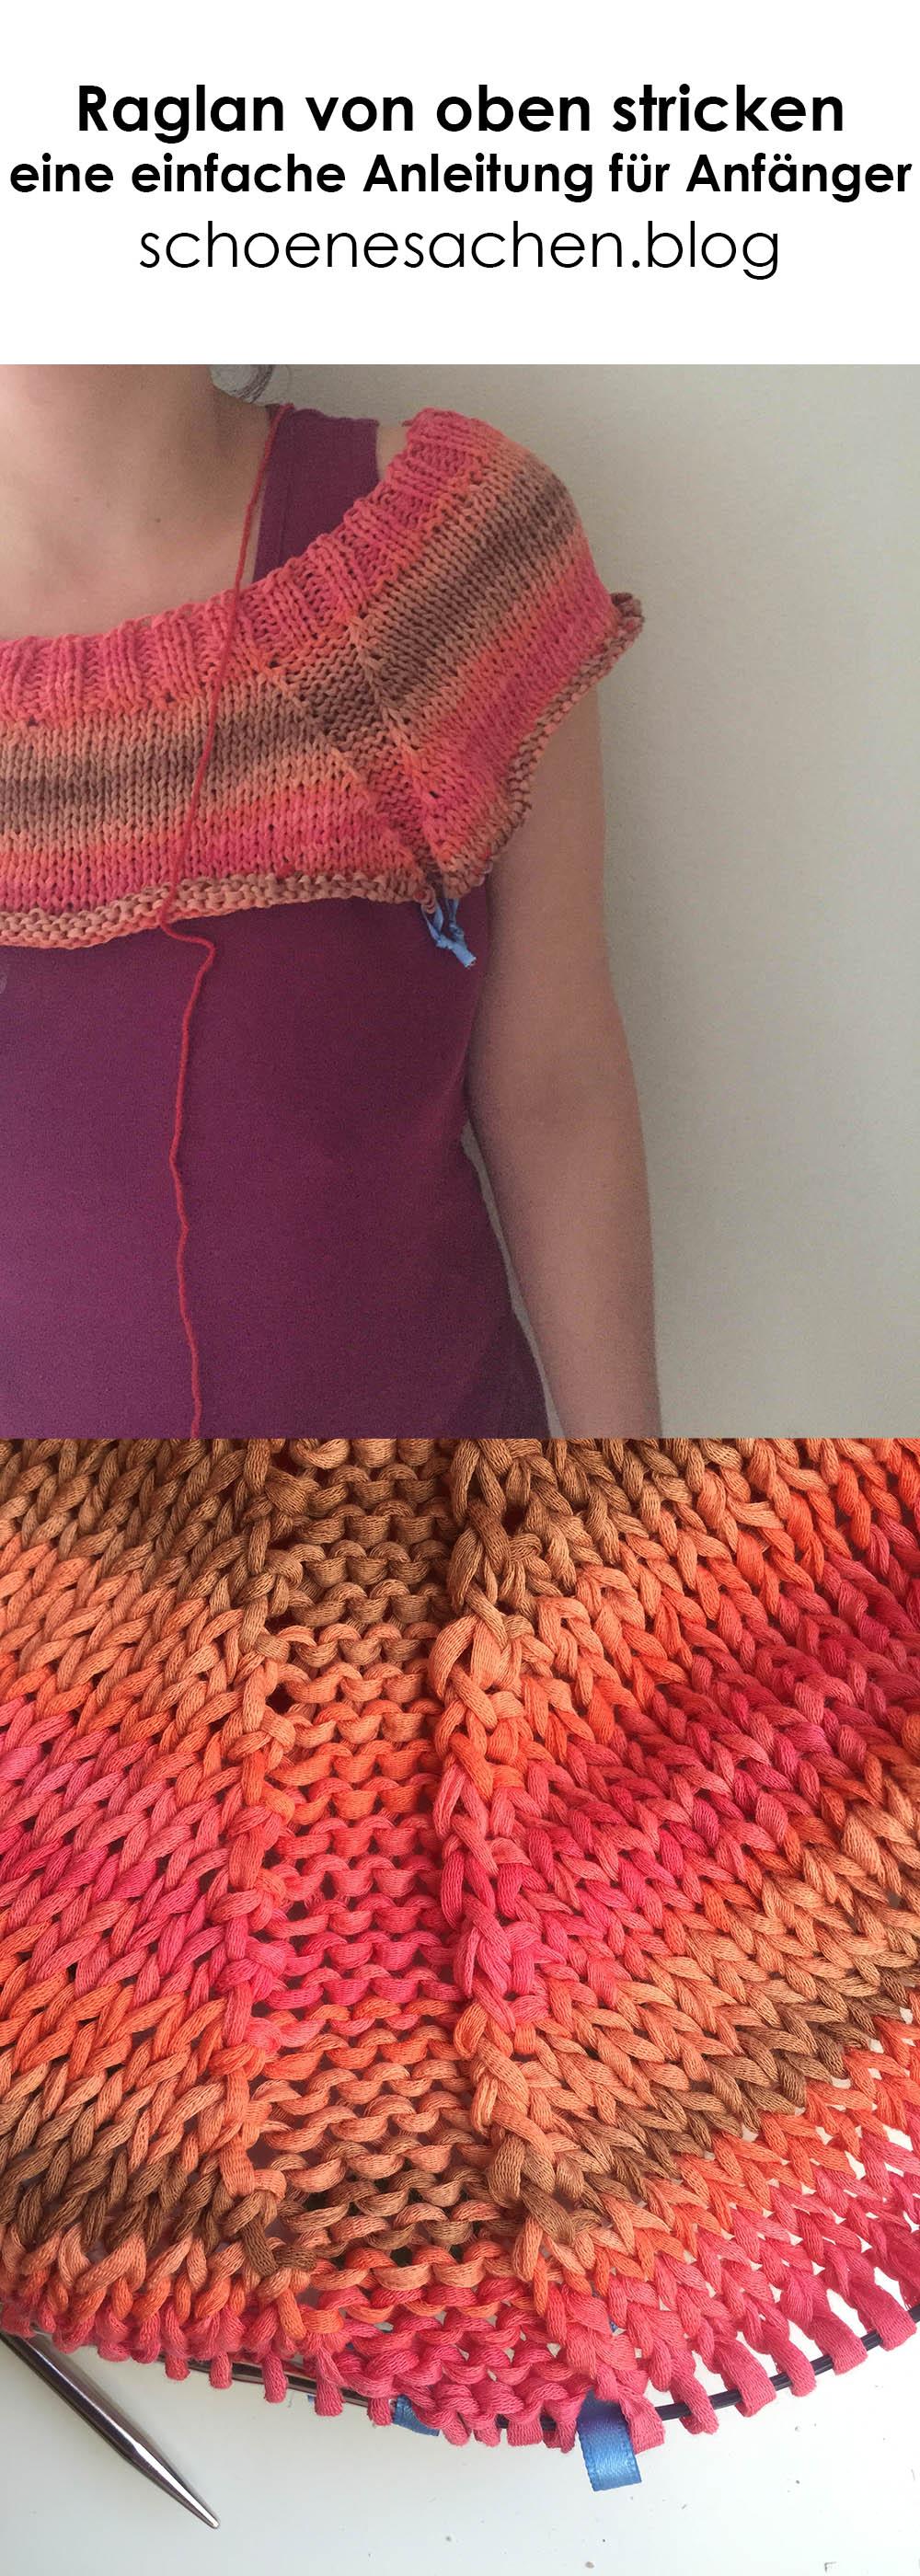 Pullover mit Raglannaht stricken, Anleitung für Anfänger, Raglan von oben stricken,